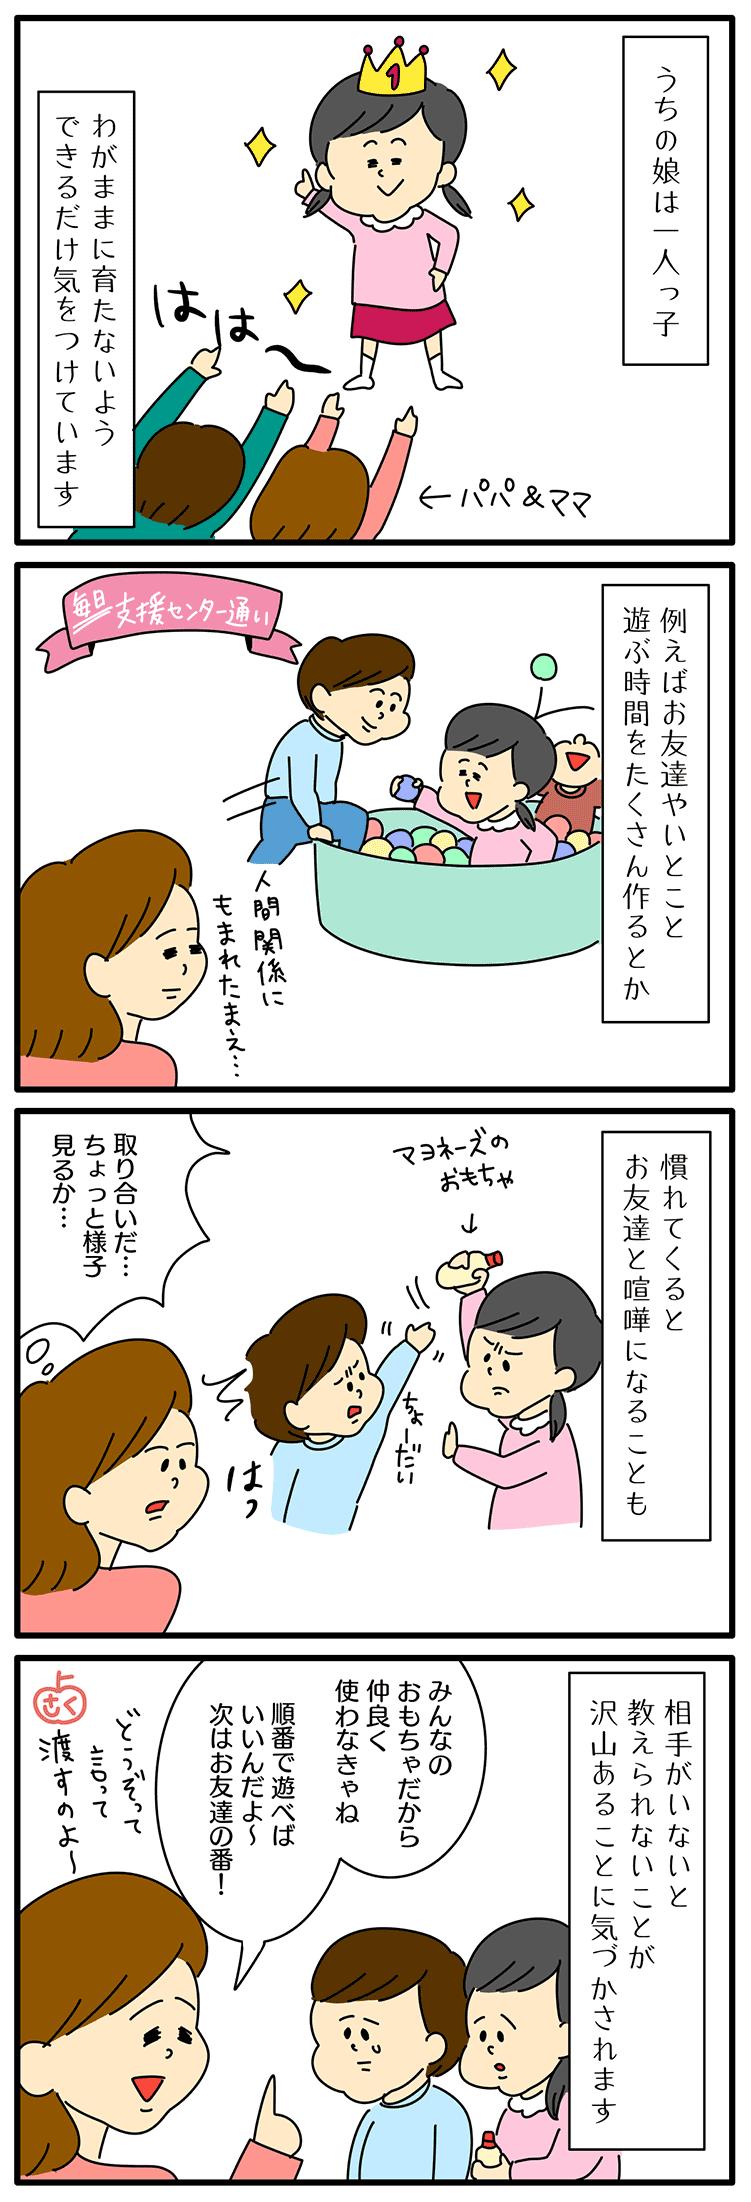 一人っ子のわがままについての永岡さくら(saku)子育て4コマ漫画